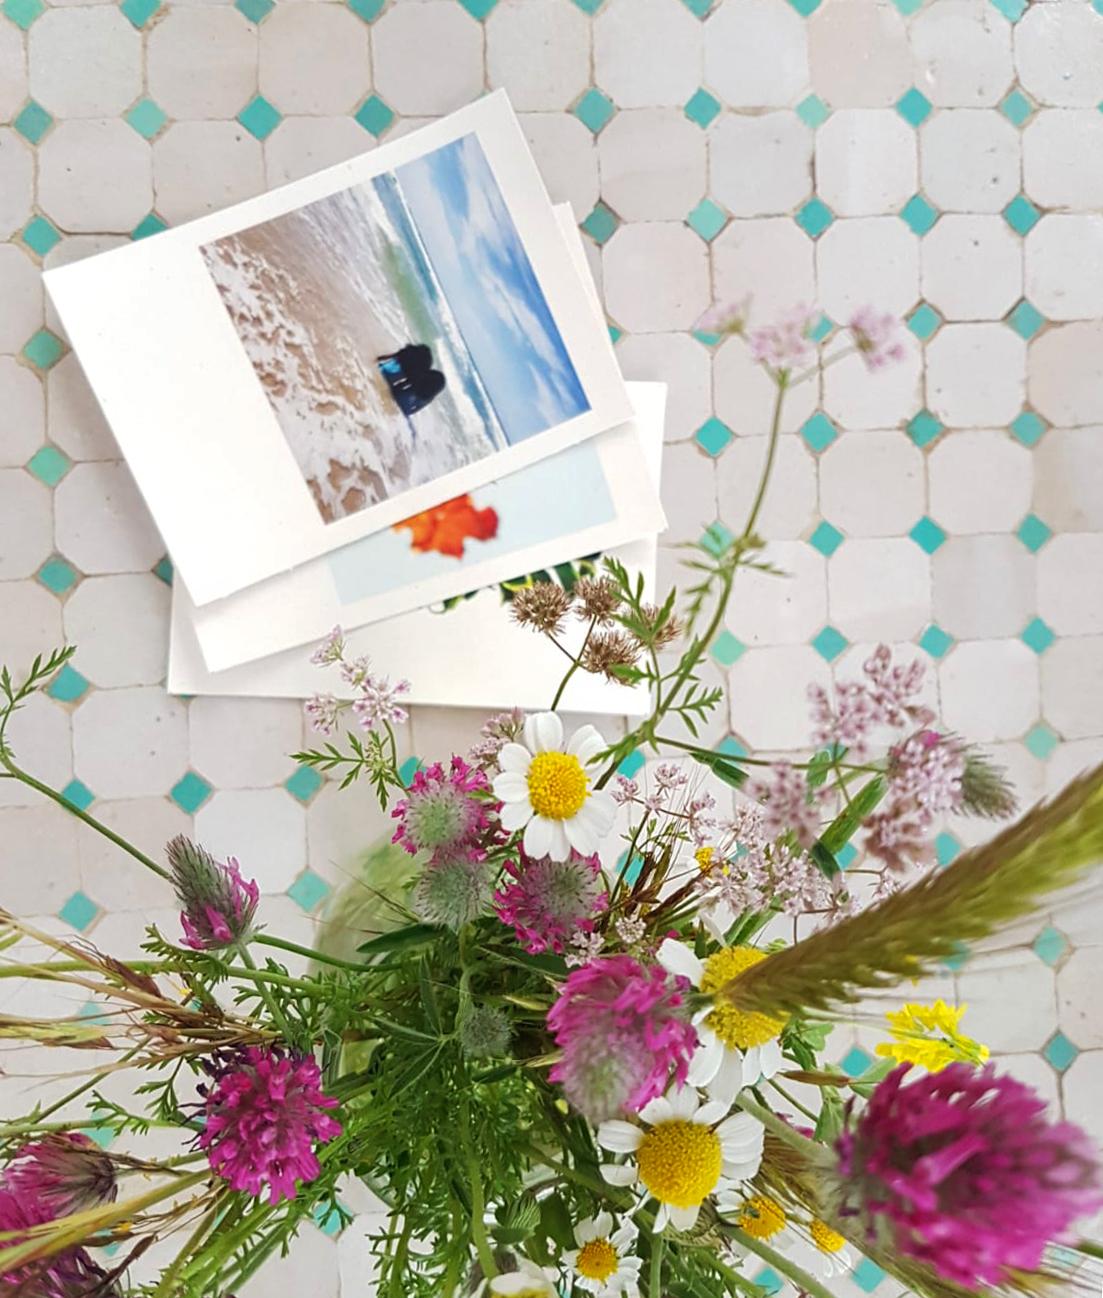 כרטיסי ברכה, תמונה גלויה, מתנה מקורית